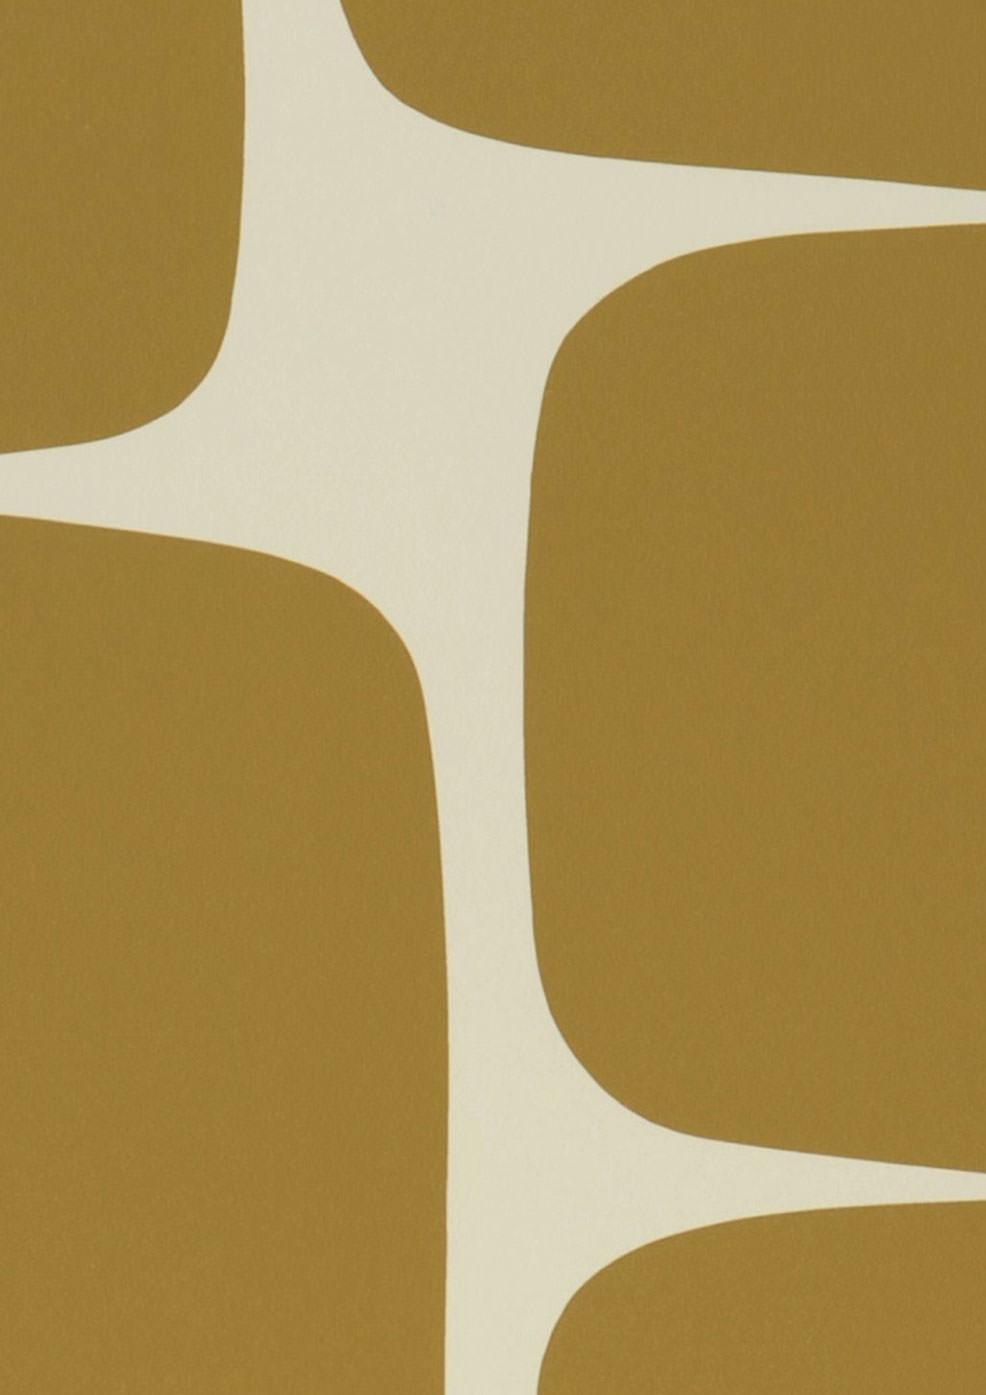 Papel pintado waris blanco crema ocre papeles de los 70 - Papel pintado anos 70 ...